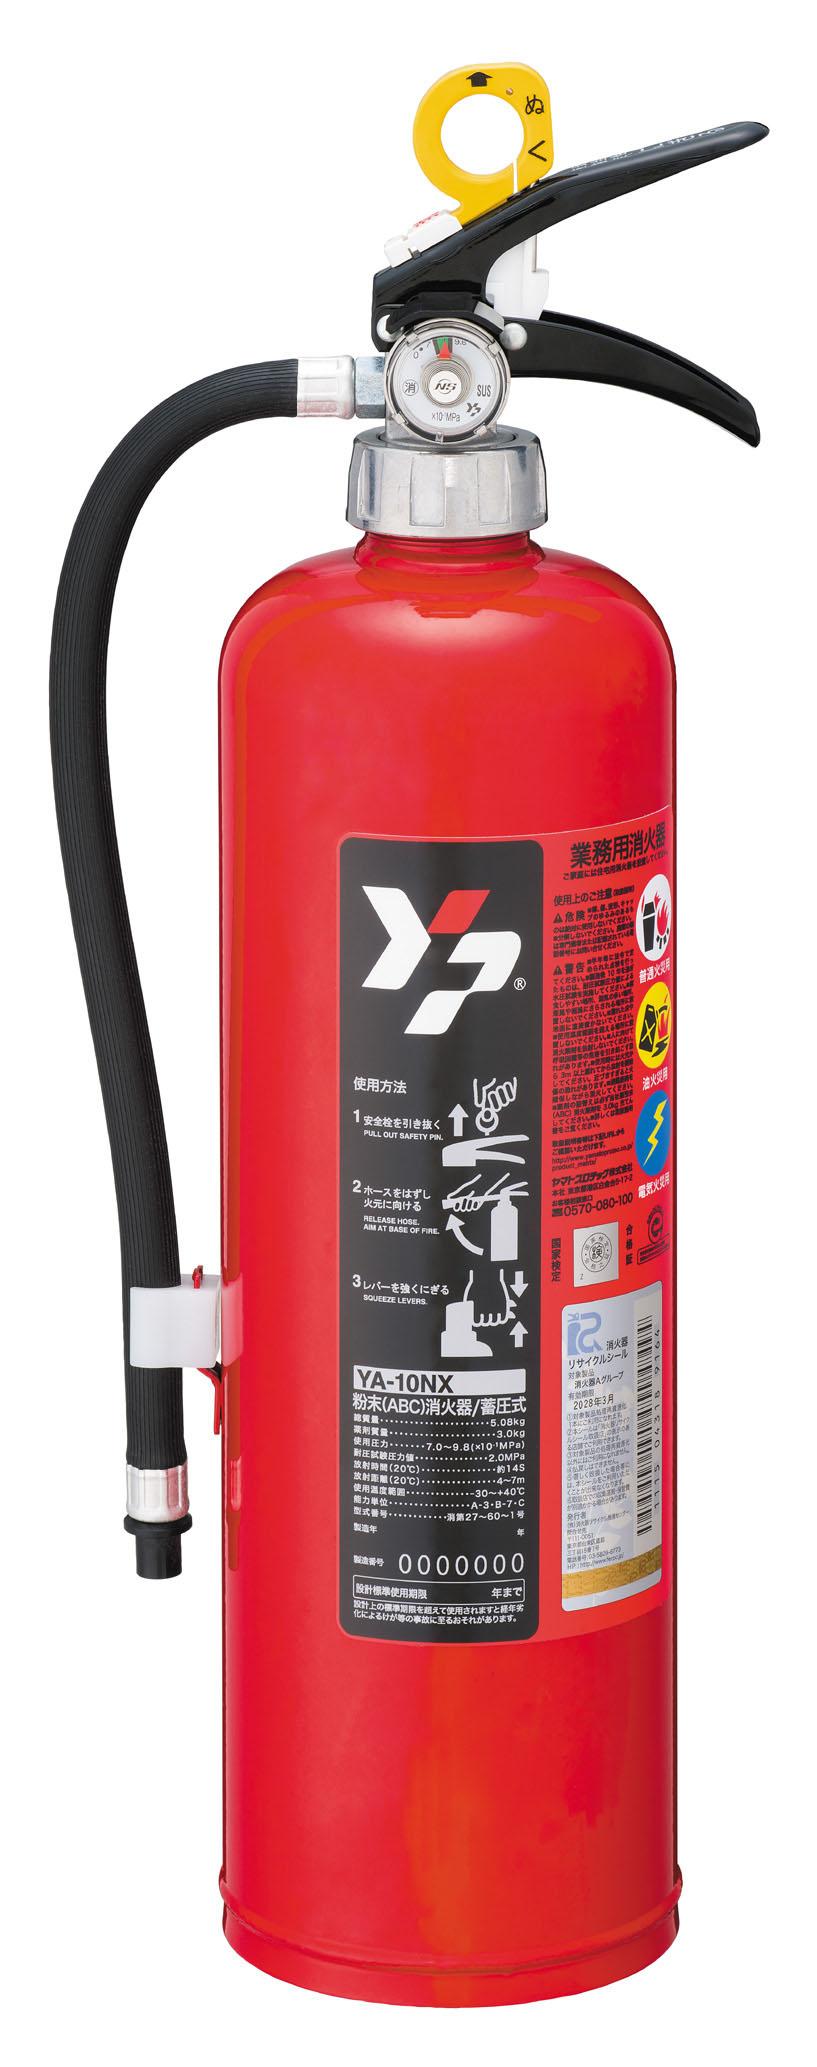 粉末(ABC)蓄圧式消火器 YA-10NX